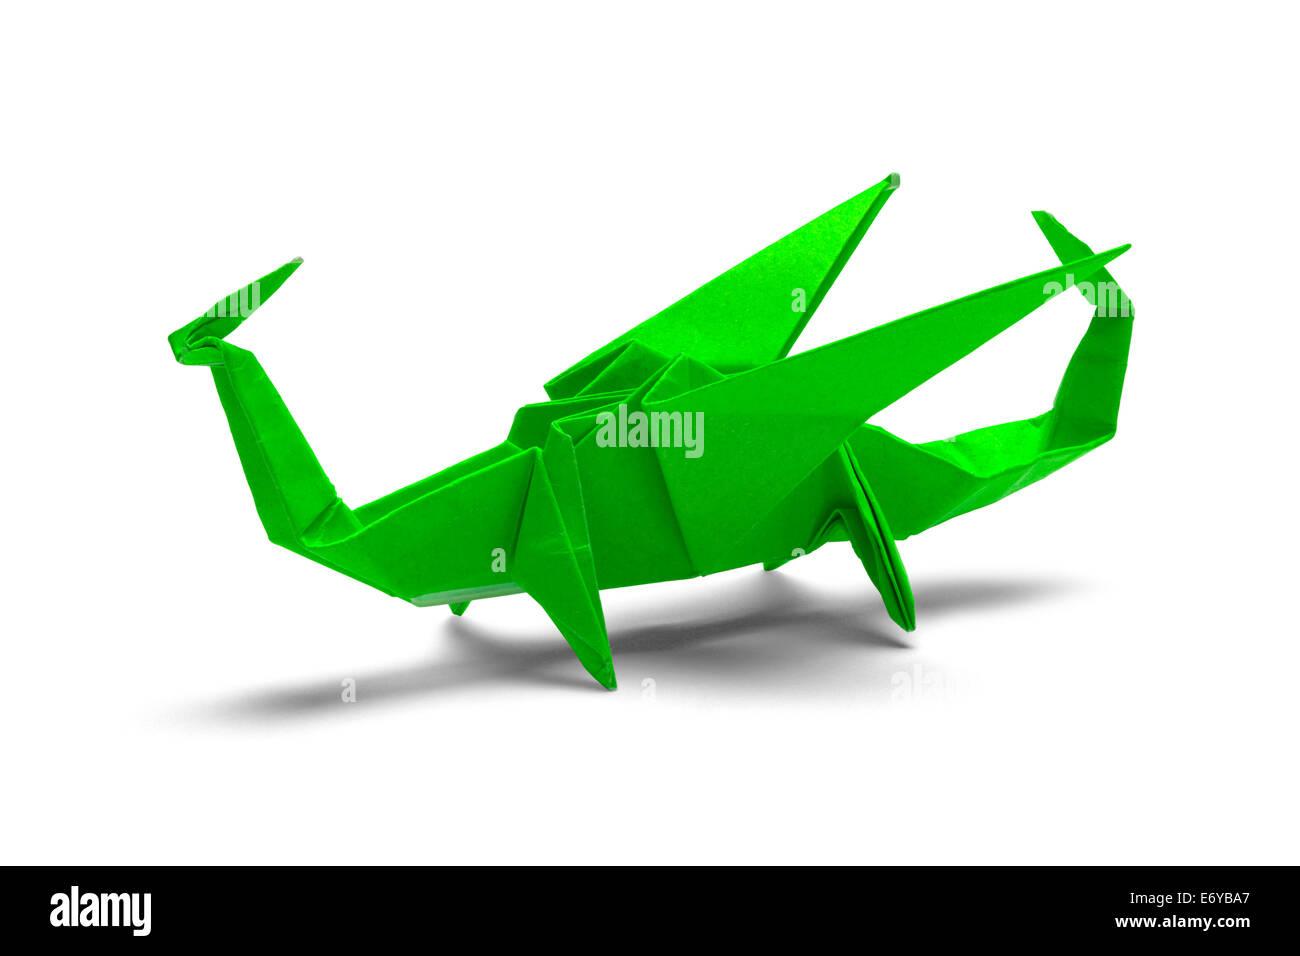 Grünes Papier Origami-Drachen, Isolated on White Background. Stockbild